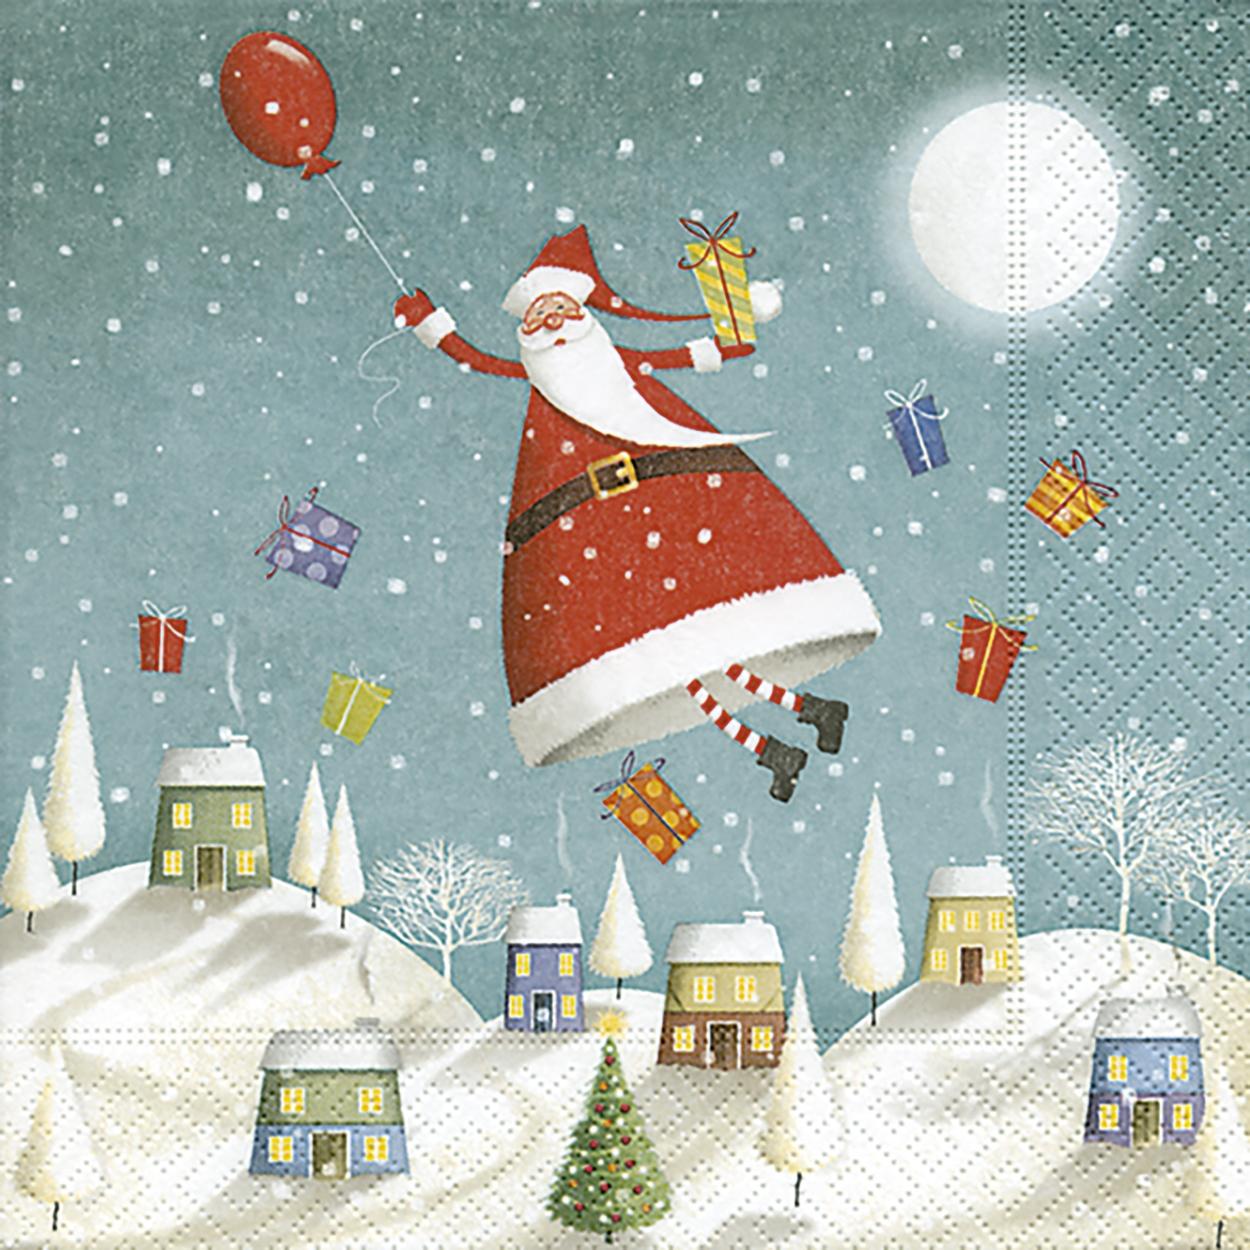 Cocktail Servietten Hovering Santa,  Winter - Schnee,  Weihnachten - Weihnachtsmann,  Weihnachten,  cocktail servietten,  Weihnachtsbaum,  Schnee,  Geschenke